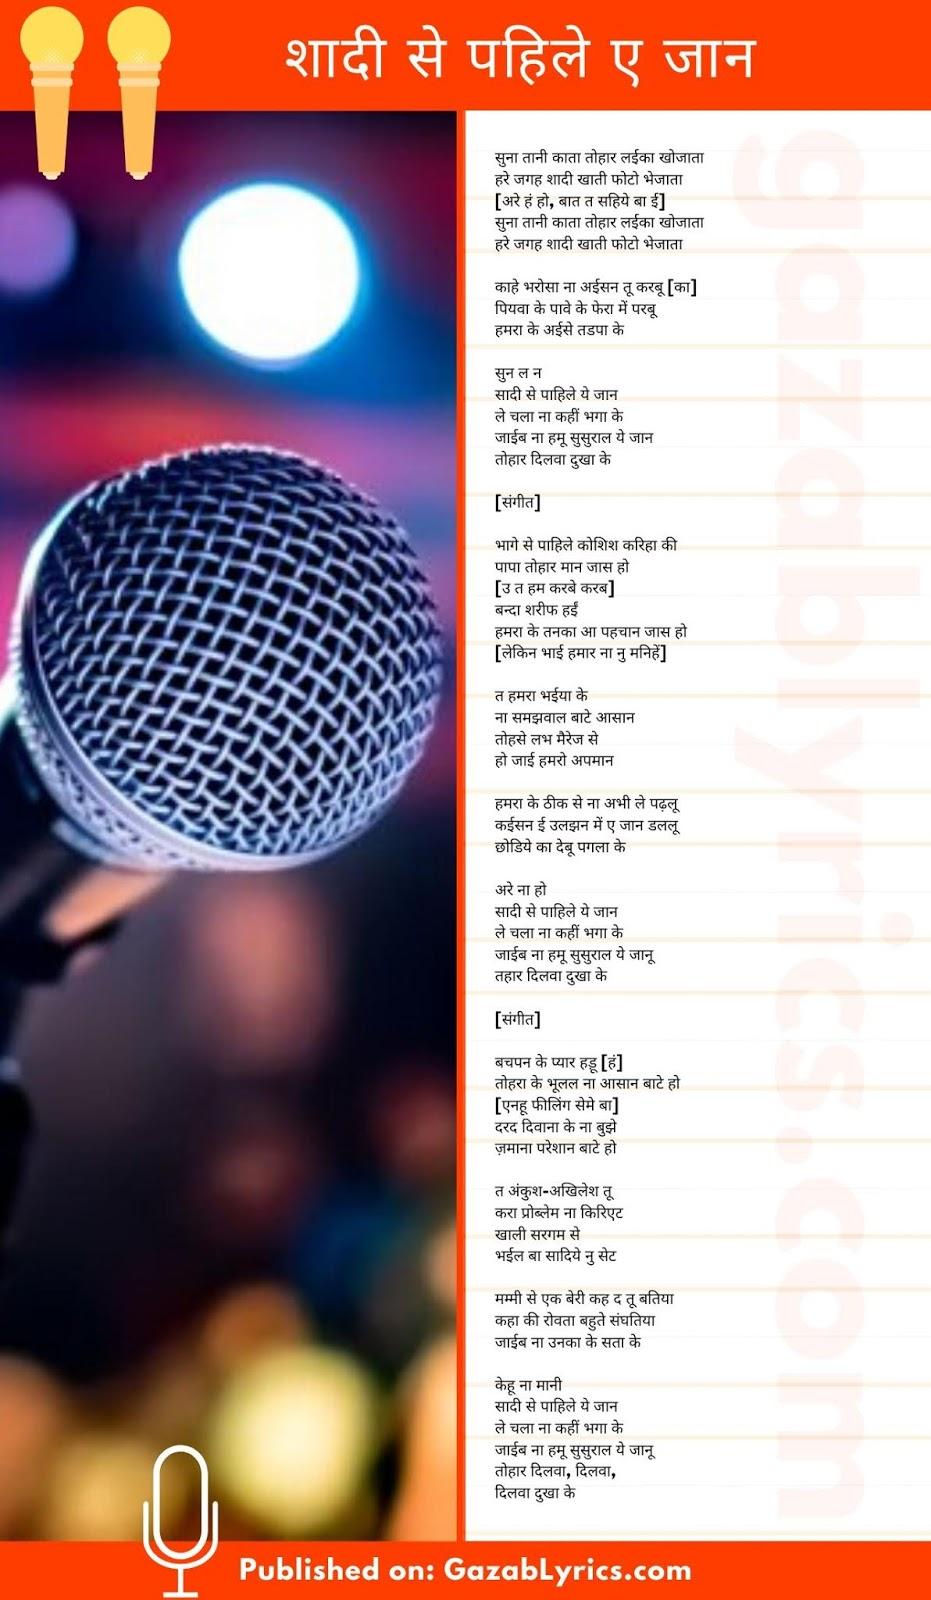 Shadi Se Pahile Ae Jaan song lyrics image